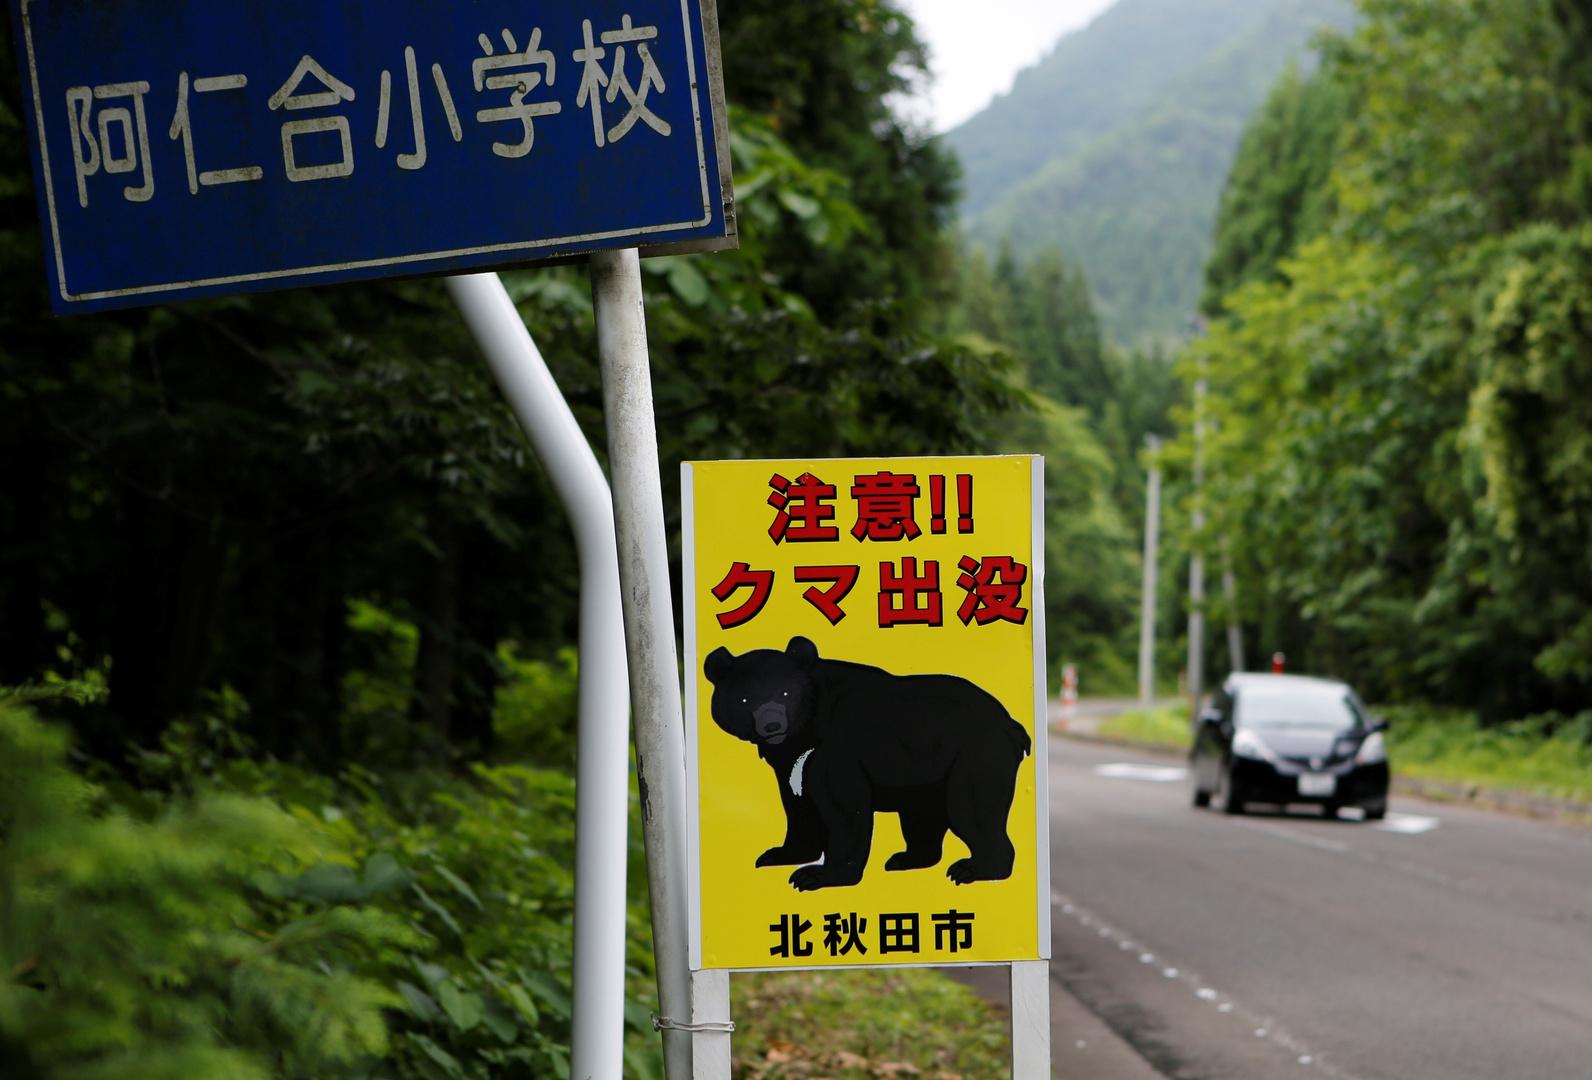 دب يصيب 4 أشخاص ويتسلل إلى قاعدة عسكرية في اليابان